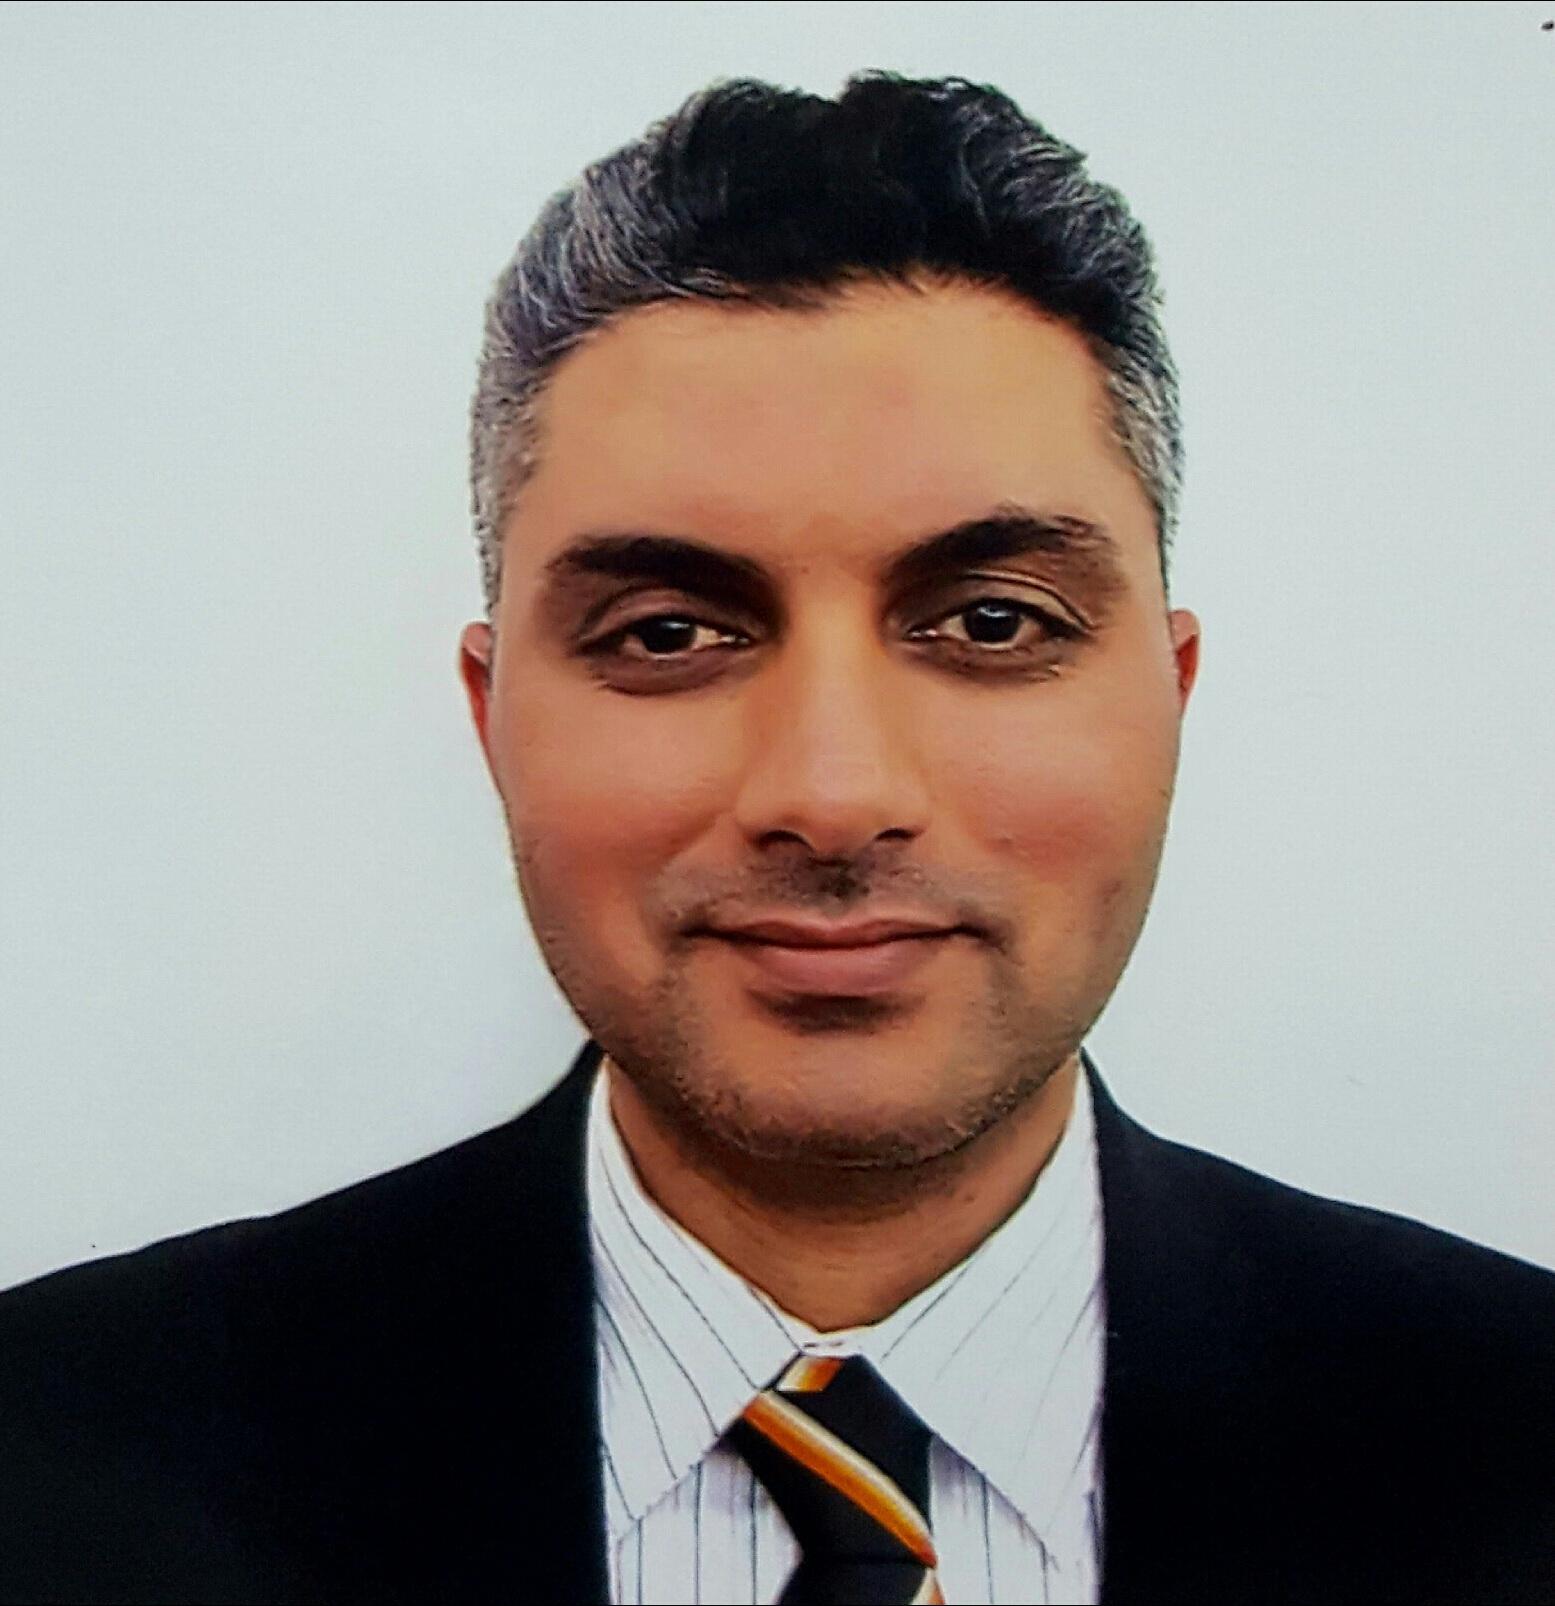 Adnan Yaqoob